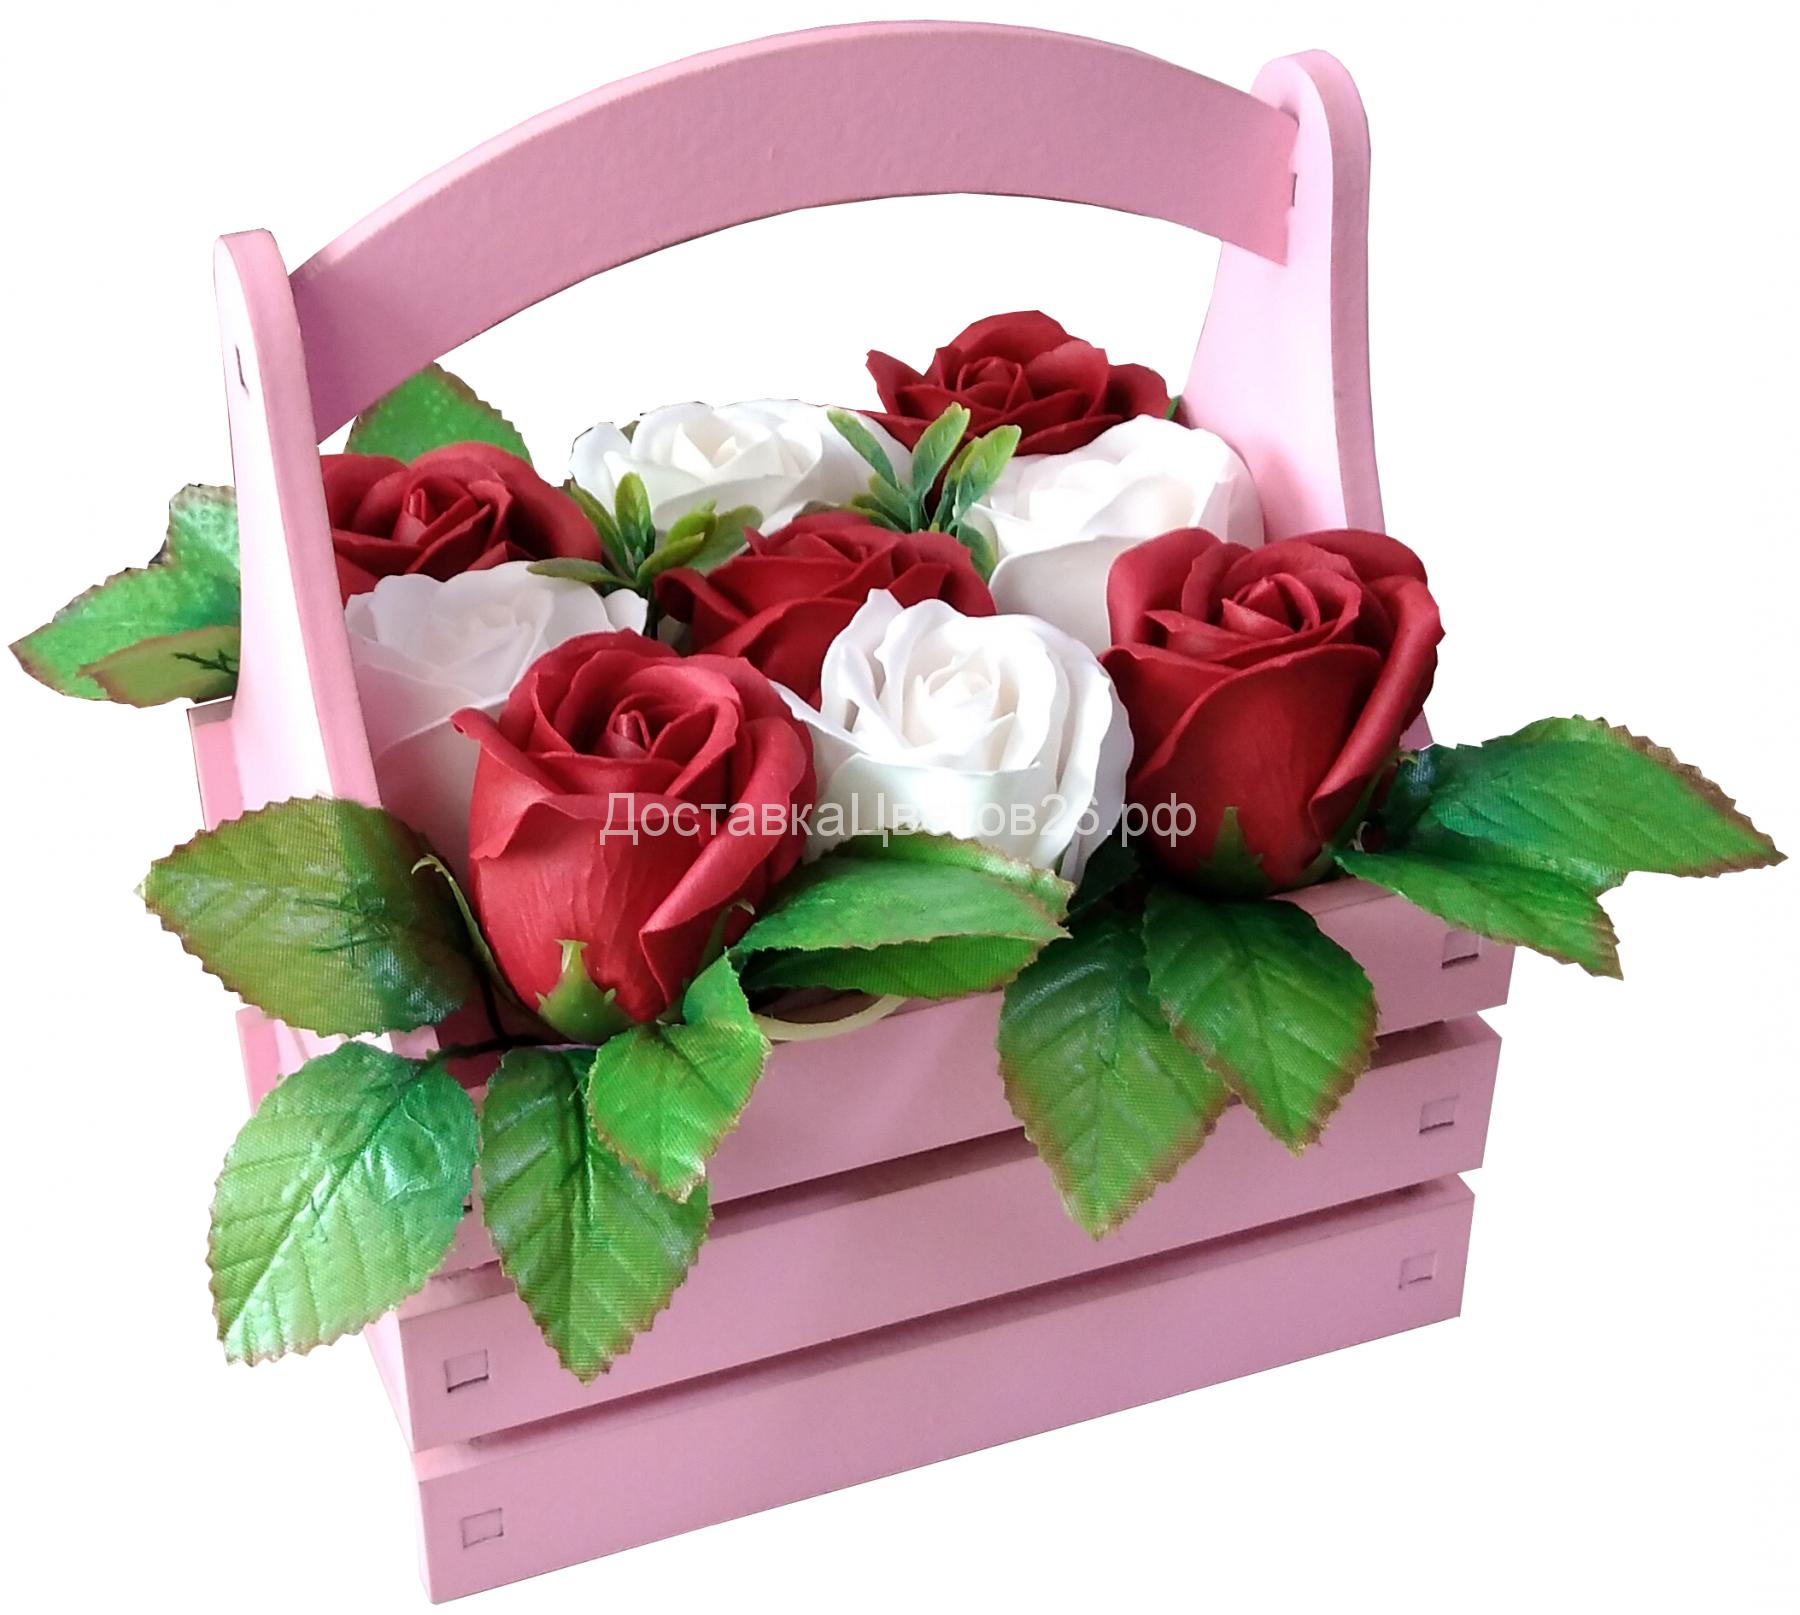 Деревянный ящичек с розами из мыла